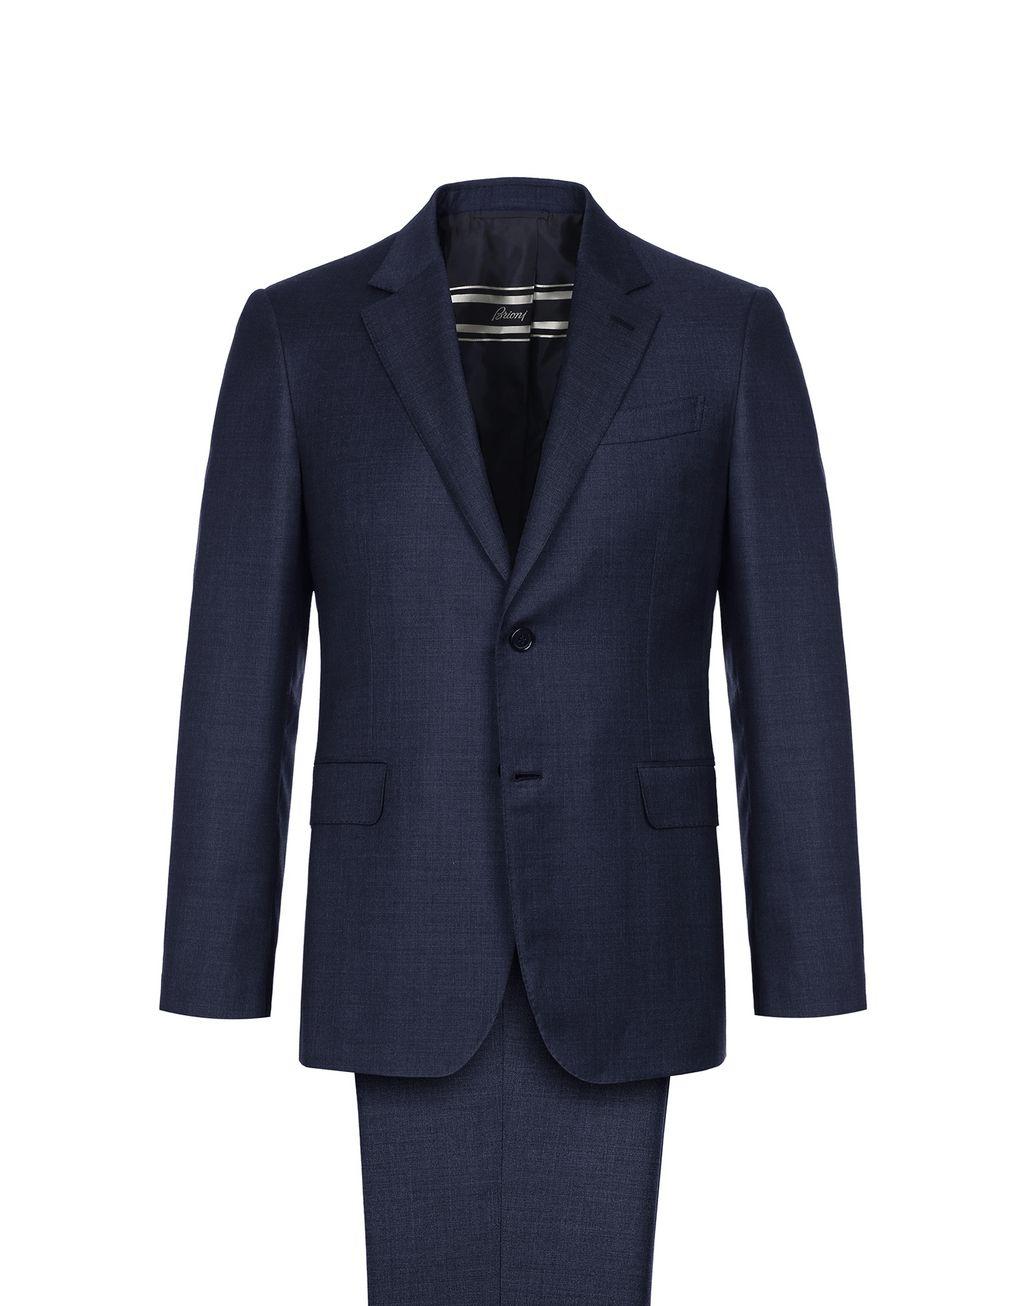 BRIONI Navy Blue Primo Suit Suits & Jackets Man f